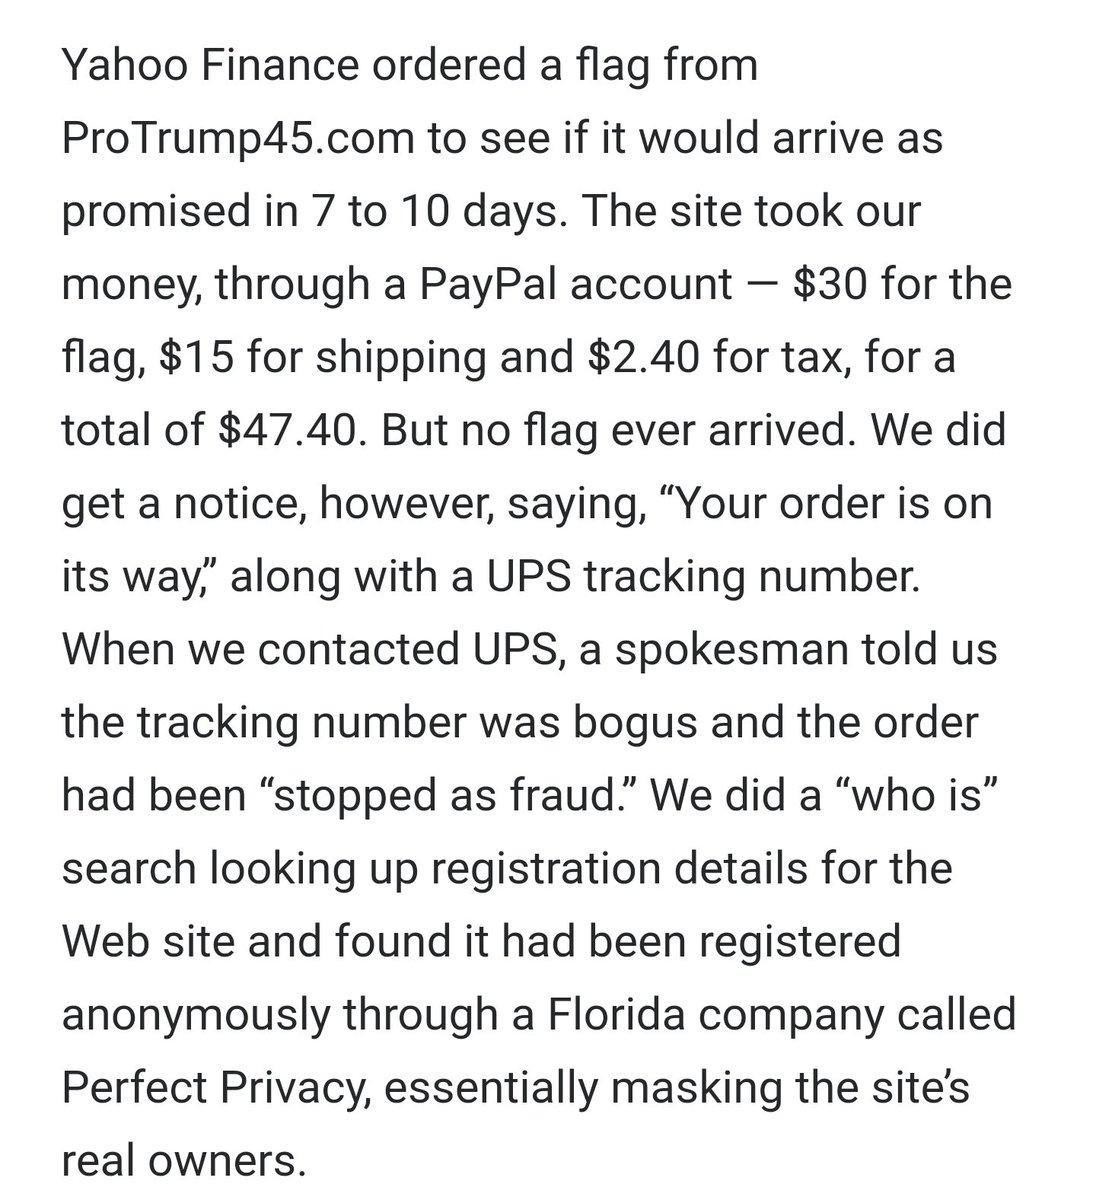 yahoo ups tracking